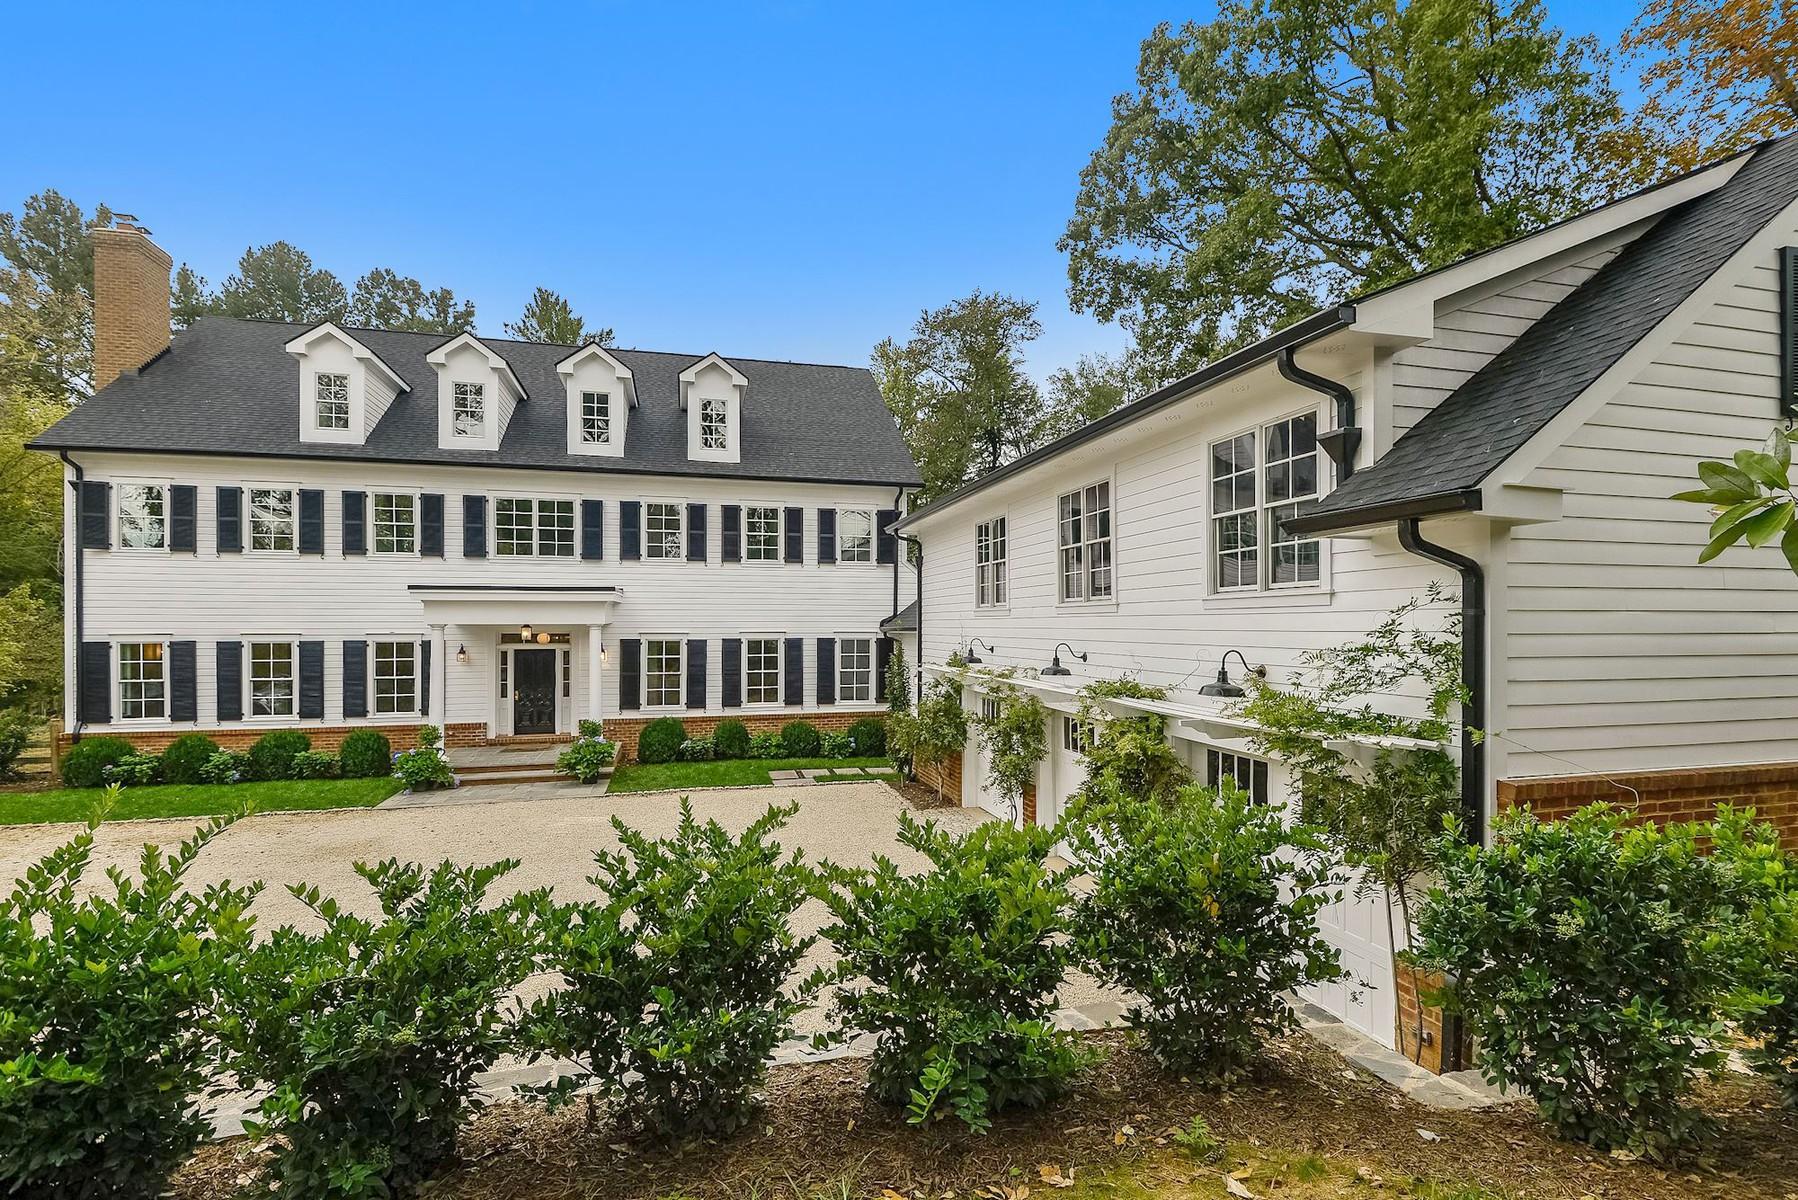 独户住宅 为 销售 在 6349 Georgetown Pike, Mclean 麦克林, 弗吉尼亚州, 22101 美国